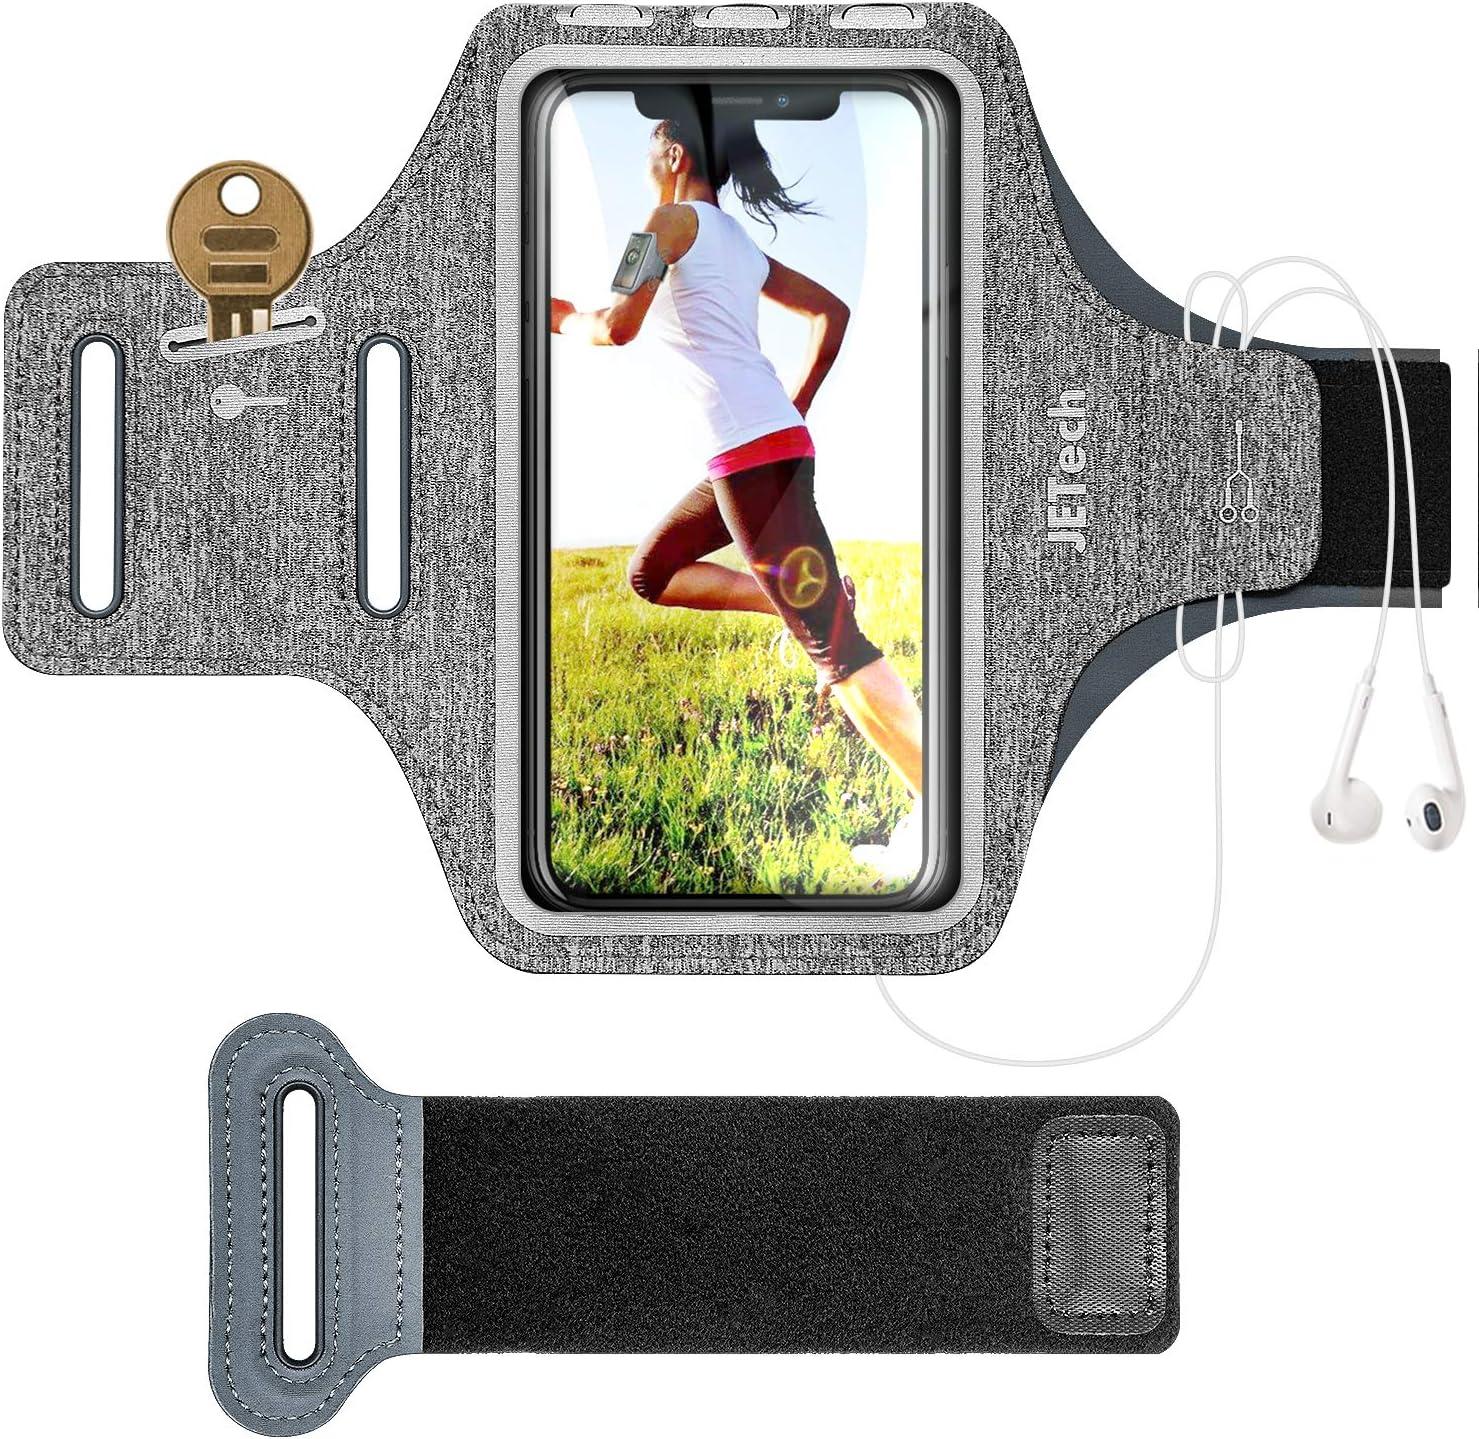 JETech Brazalete Deportivo Compatible iPhone SE Negro 2020 para Correr Senderismo Galaxy S10//S9//S9+,Correa Ajustable //11//11 Pro//XR//XS//X//8 Plus//7 Plus//8//7 Equipado con Soporte para Llave y Tarjeta